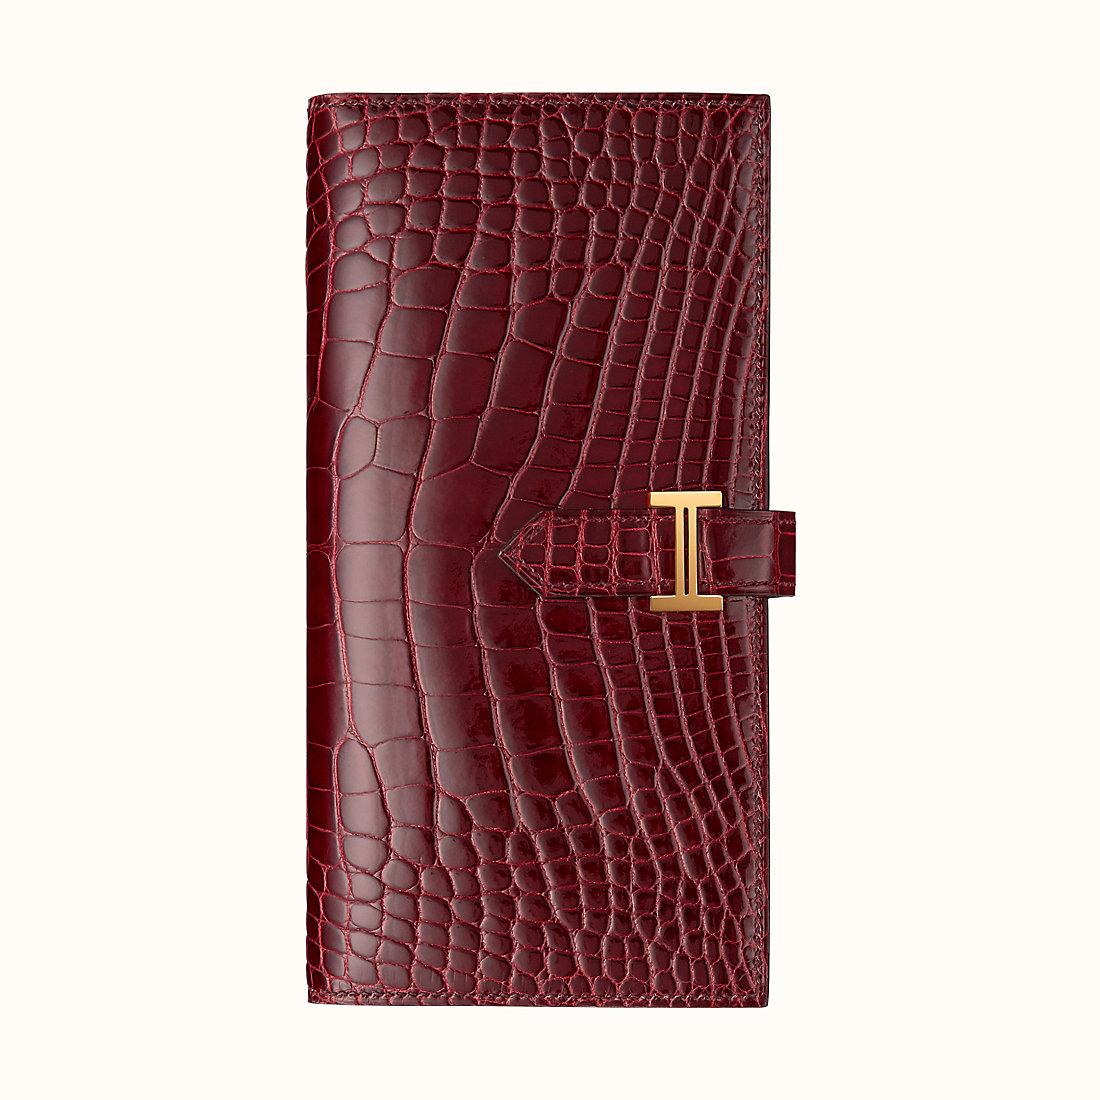 愛馬仕錢包價格和圖片 Hermes Bearn wallet CCF5 Bourgogne 勃艮第酒紅